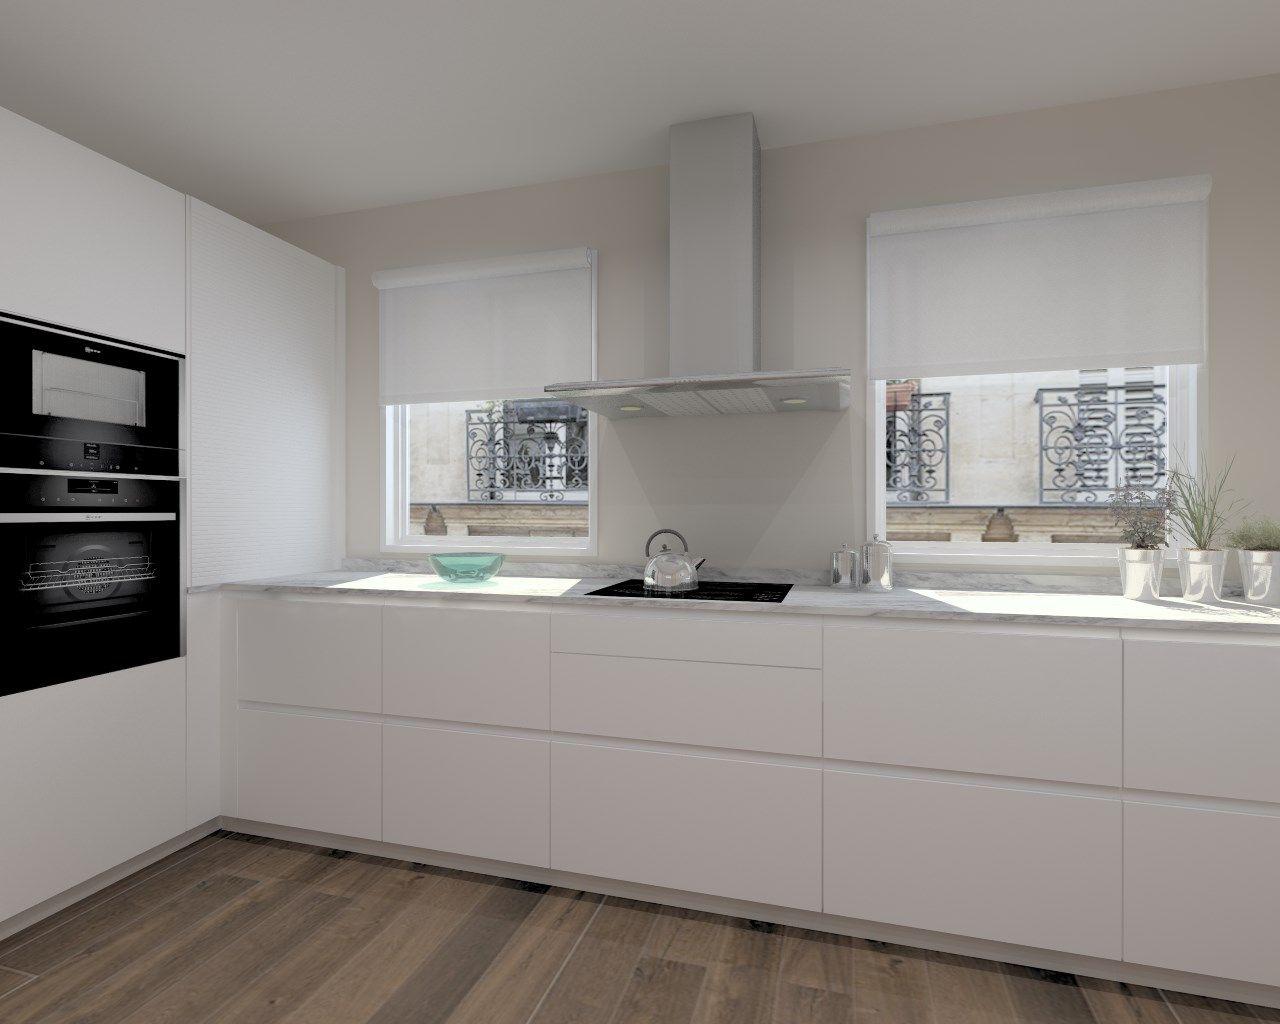 Cocinas santos modelo line laca seda blanco encimera for Cocinas blancas con granito